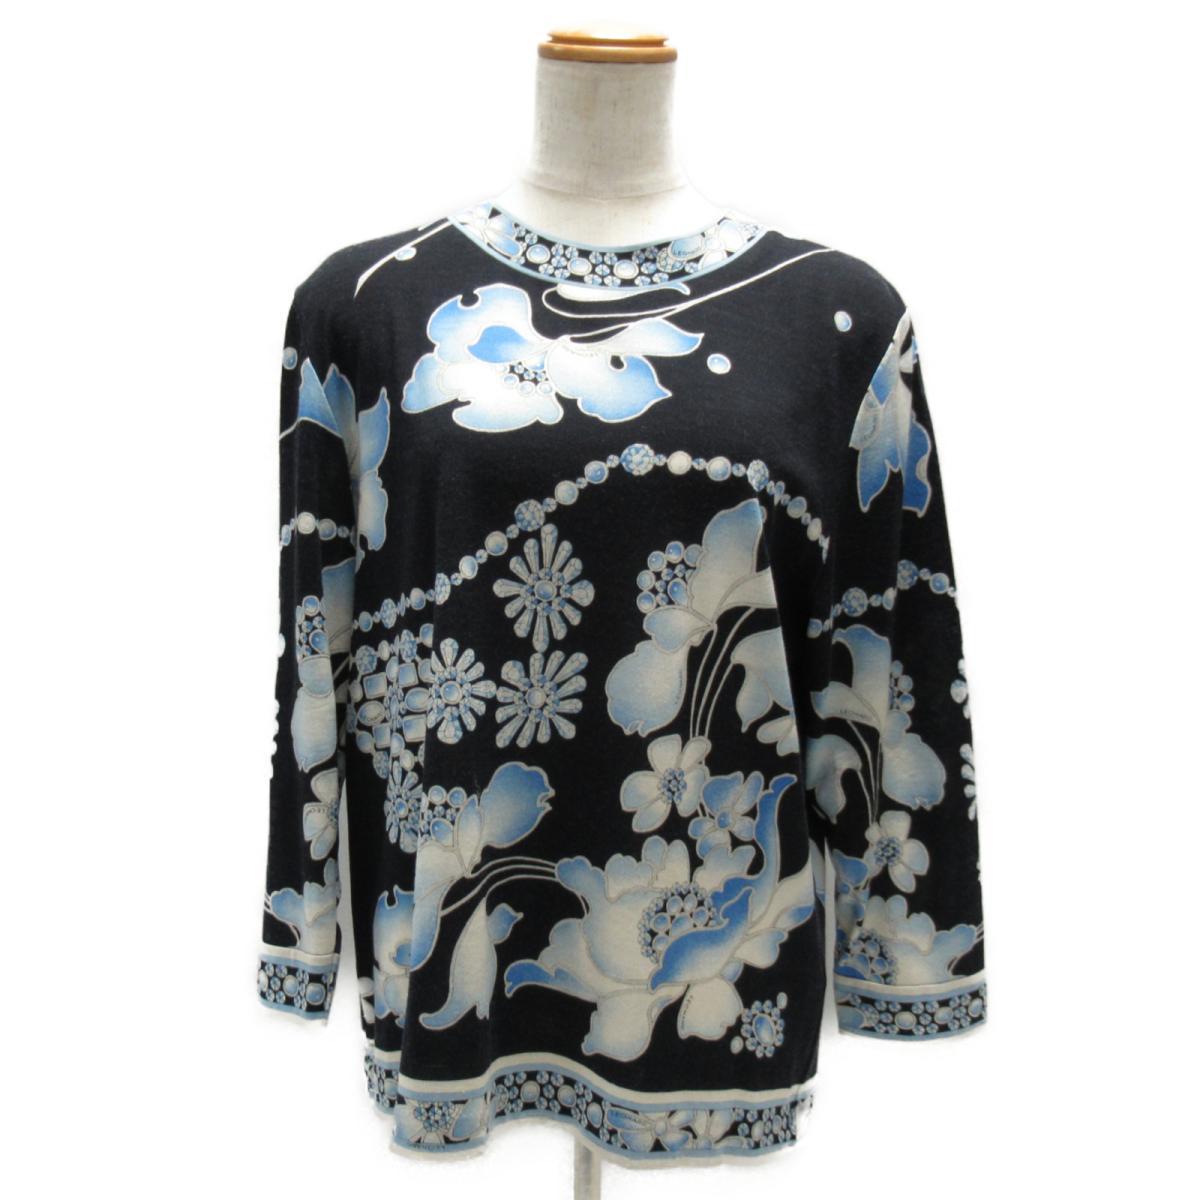 【中古】 レオナール カットソー レディース ウール (60%) x シルク (40%) ネイビー | LEONARD BRANDOFF ブランドオフ 衣料品 衣類 ブランド トップス Tシャツ シャツ